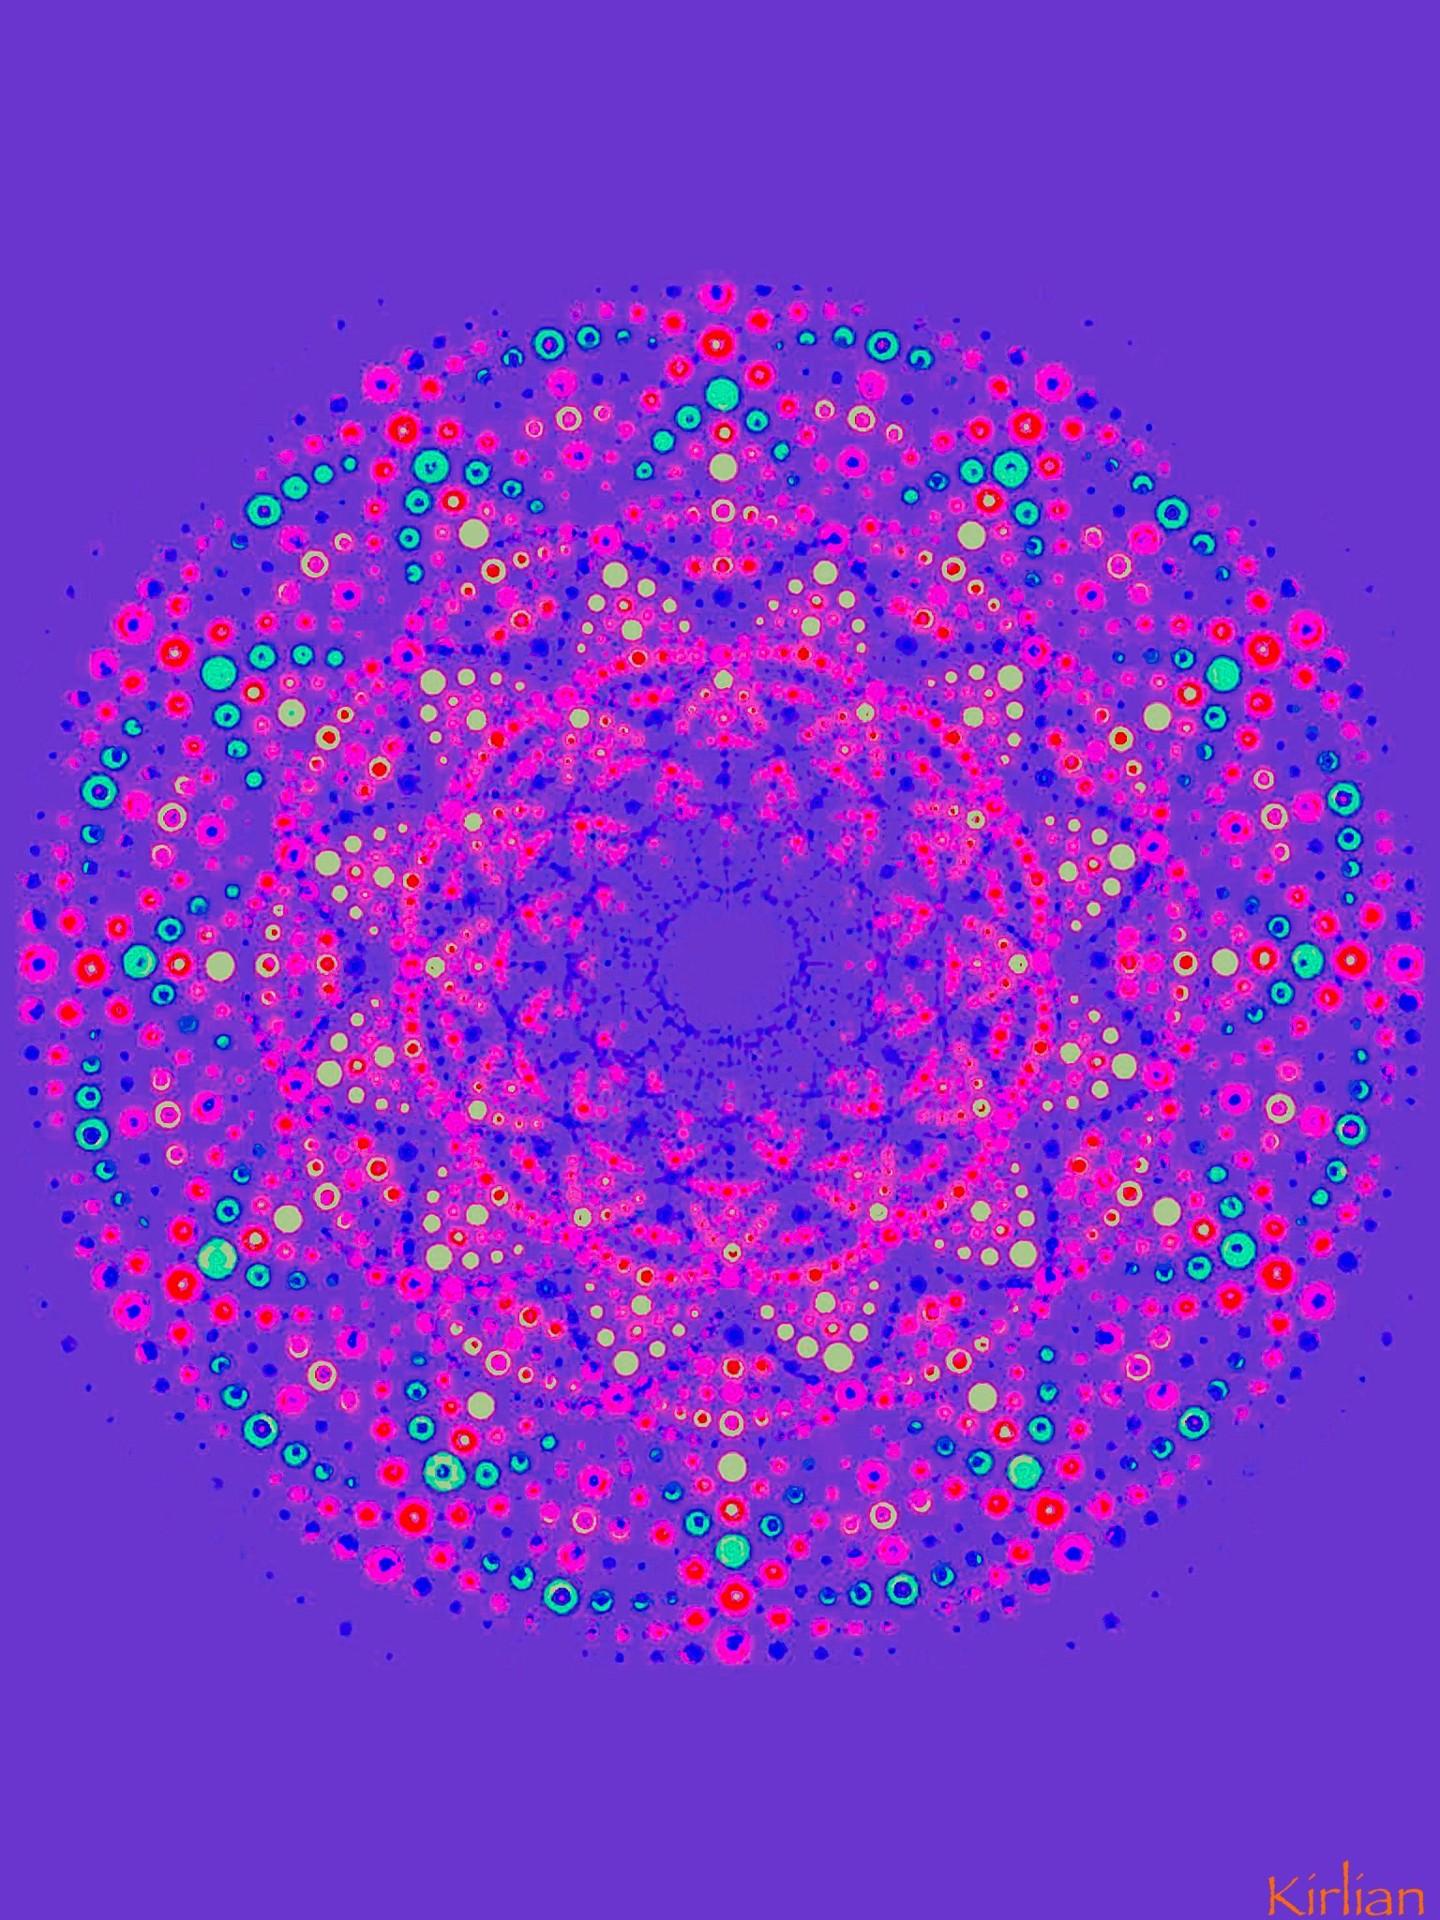 Kirlian - Mandala Mandoram